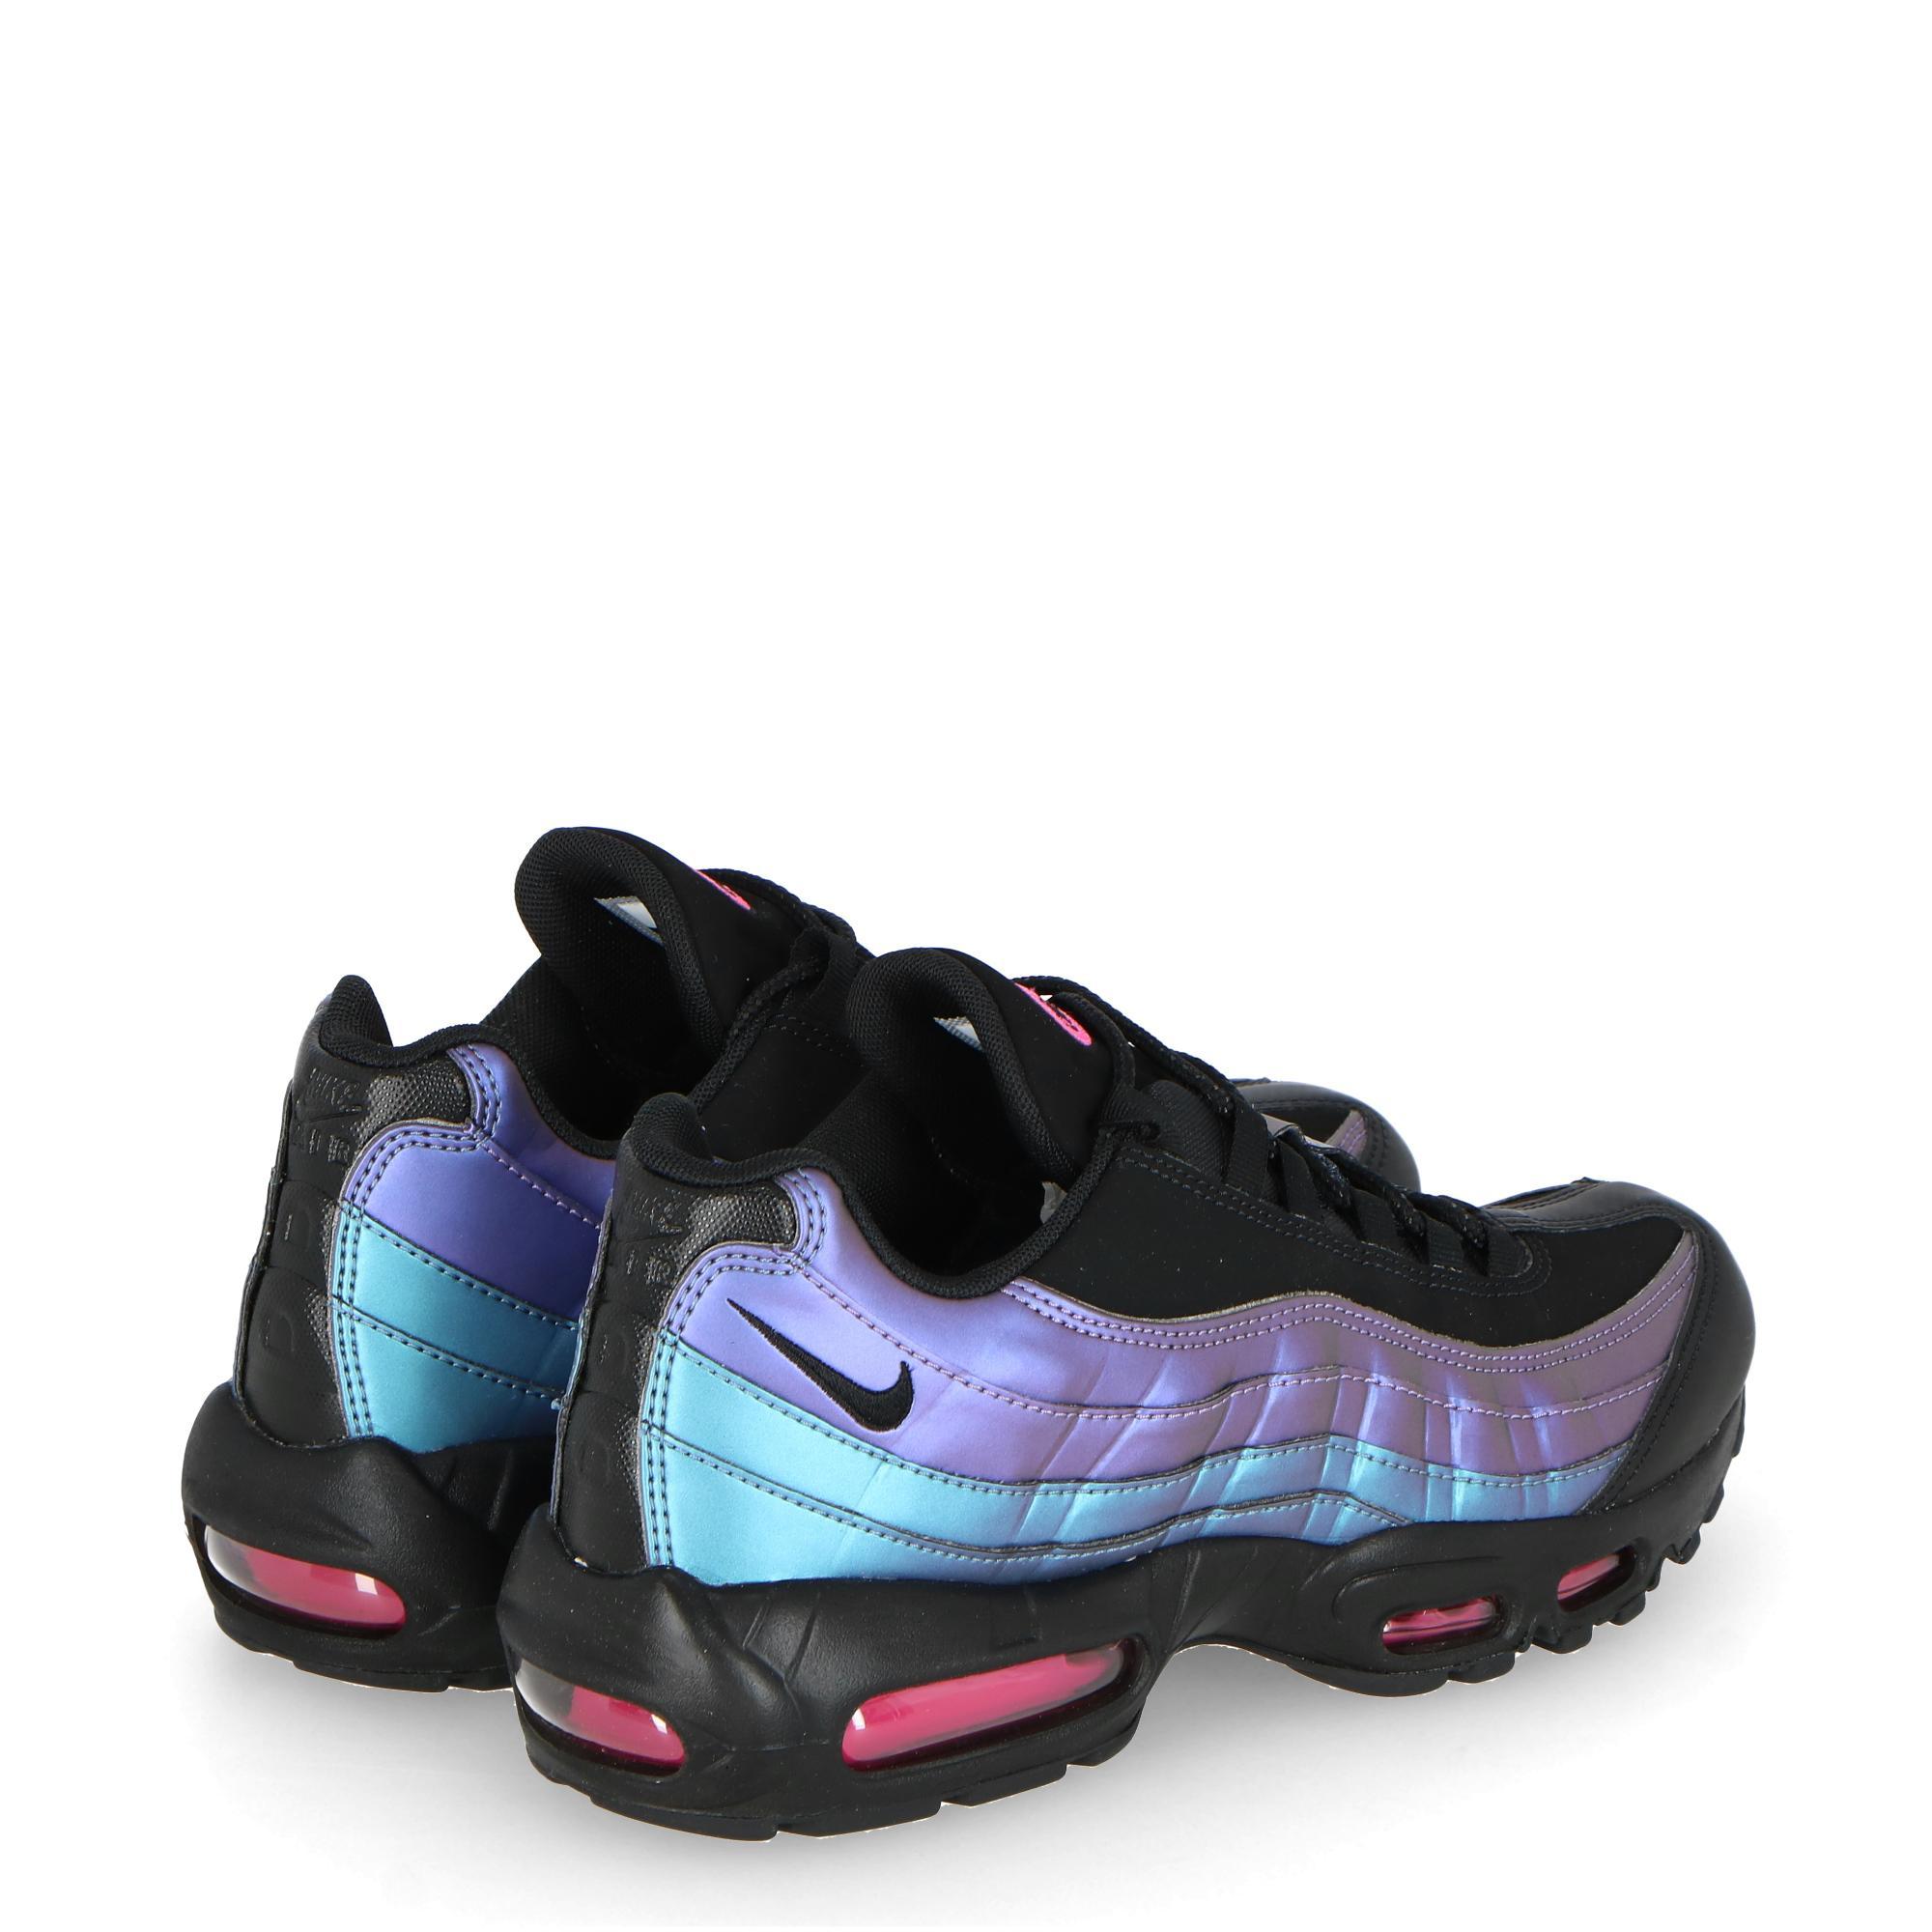 separation shoes 4903d e4468 NIKE AIR MAX 95 PREMIUM